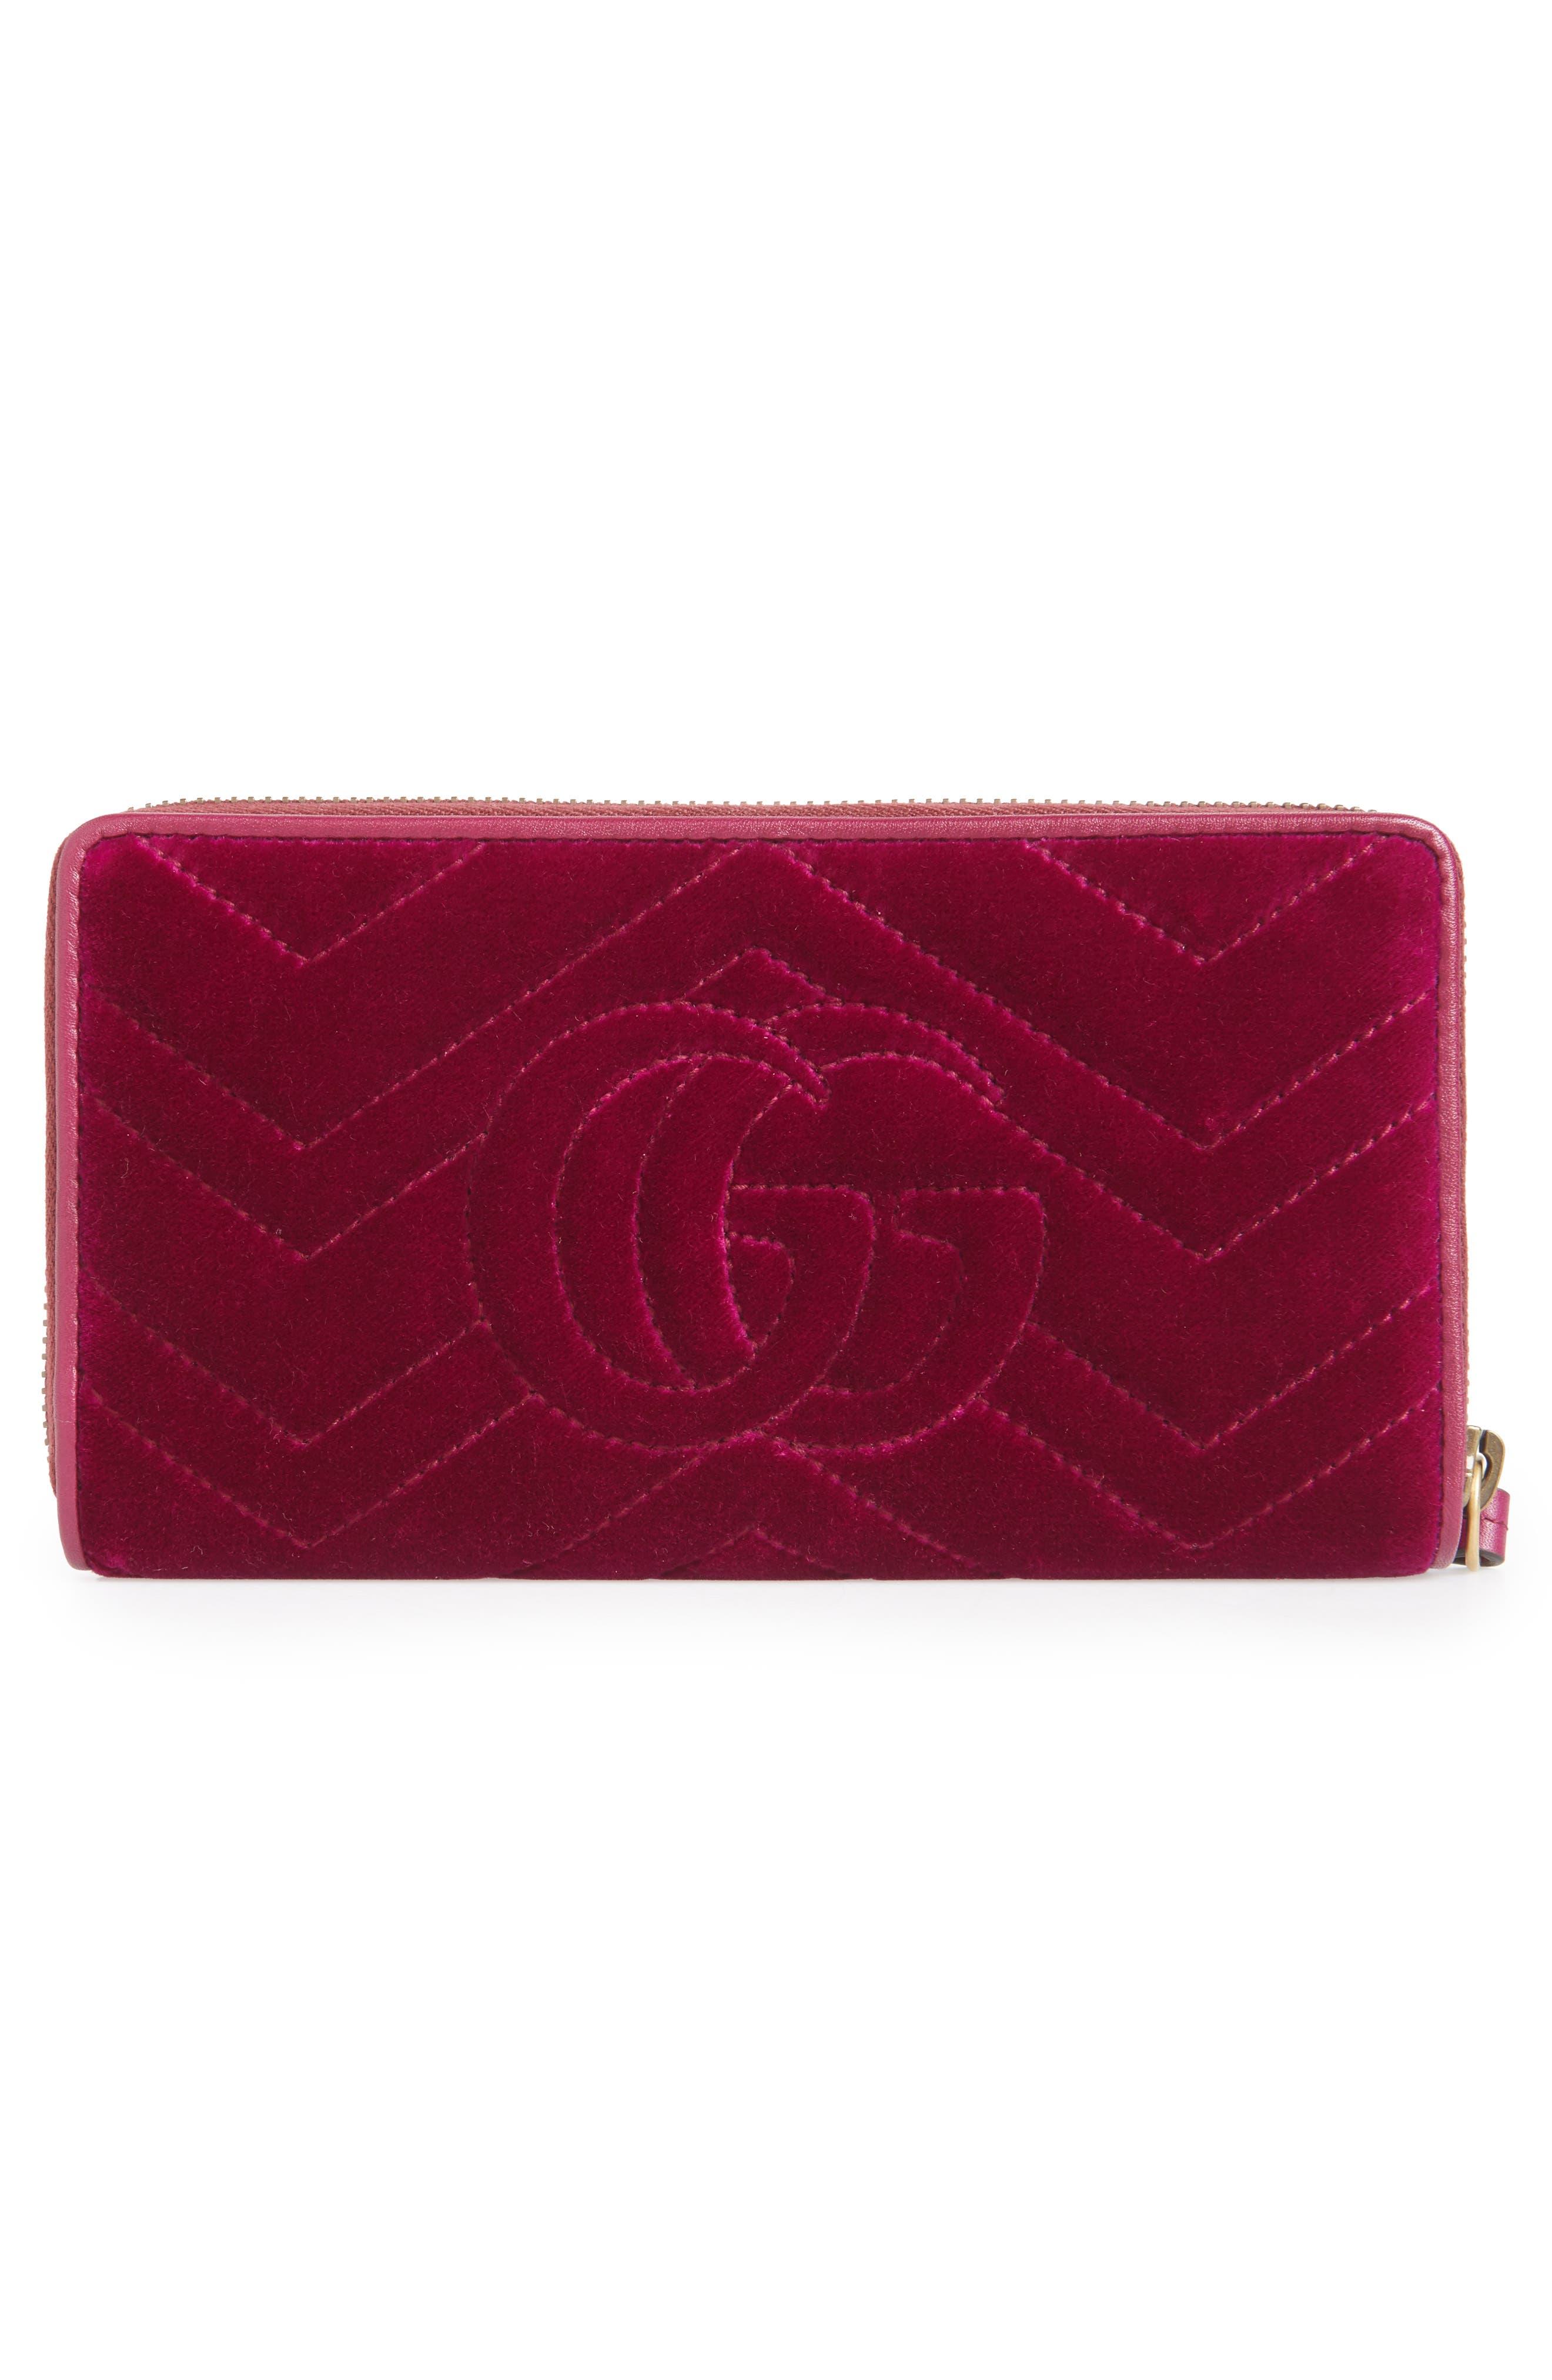 GG Marmont 2.0 Matelassé Velvet Wallet,                             Alternate thumbnail 4, color,                             FUCSIA/ VIOLA